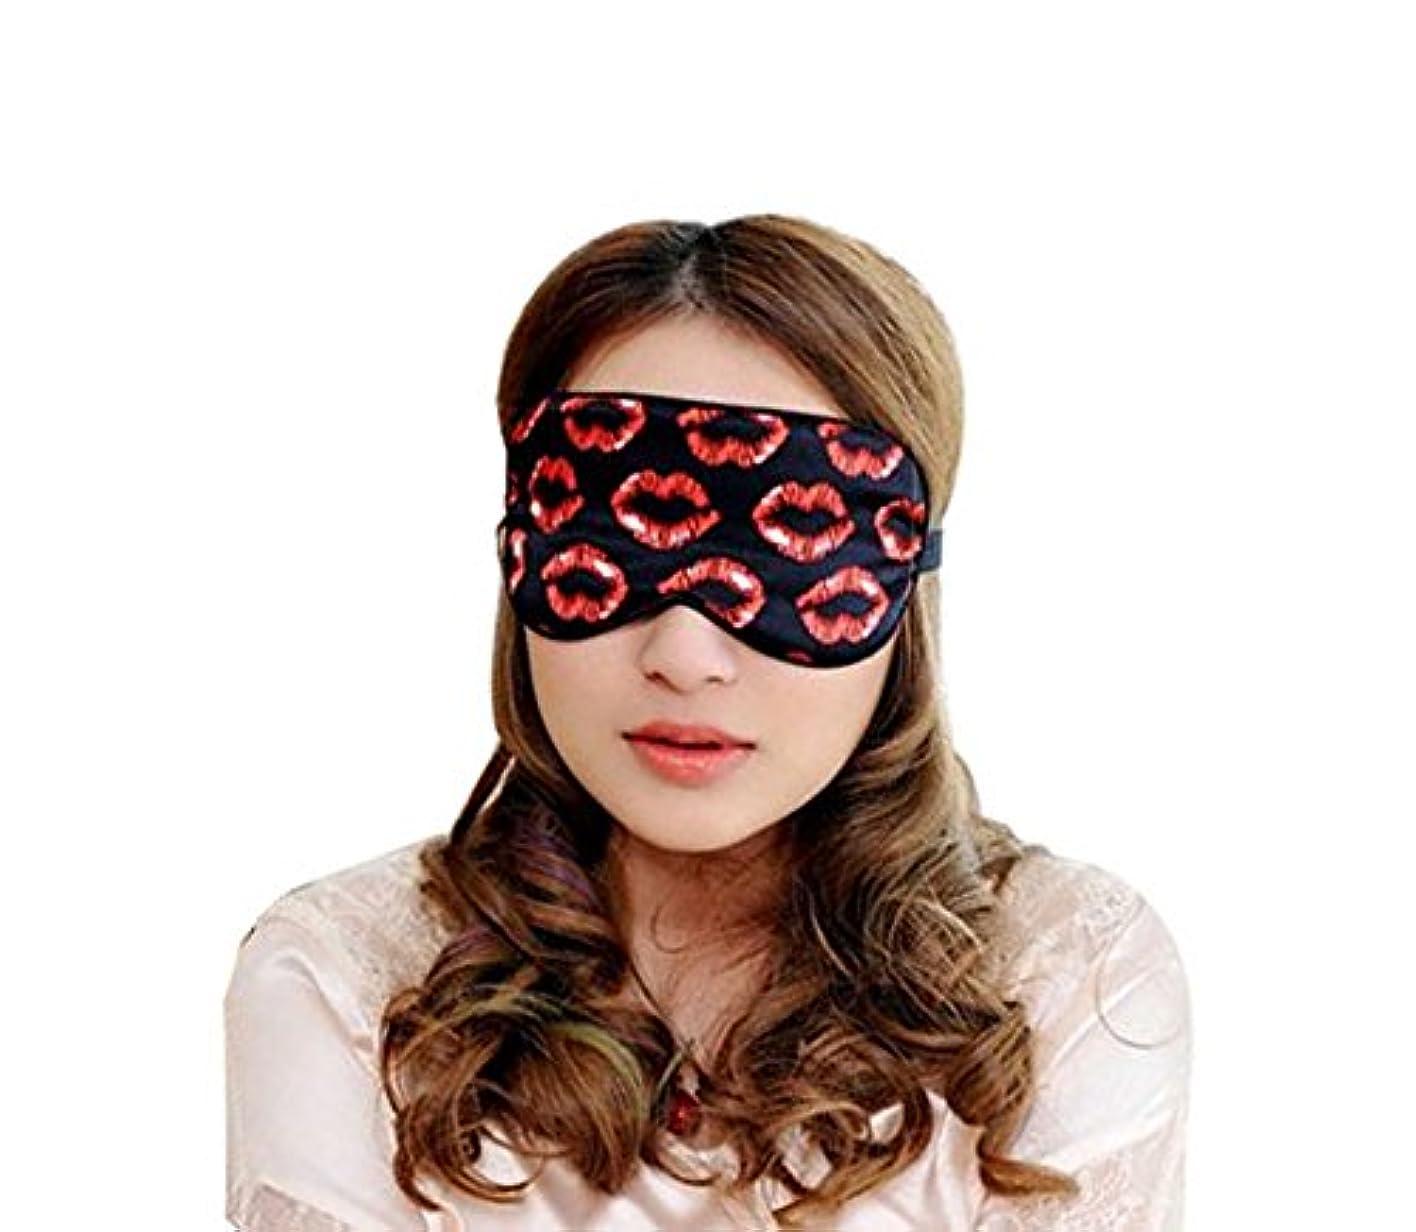 じゃない冷蔵する売るスーパーソフトシルクアイ赤い唇をマスクラブリーパーソナリティアイシェードスリープアイマスク